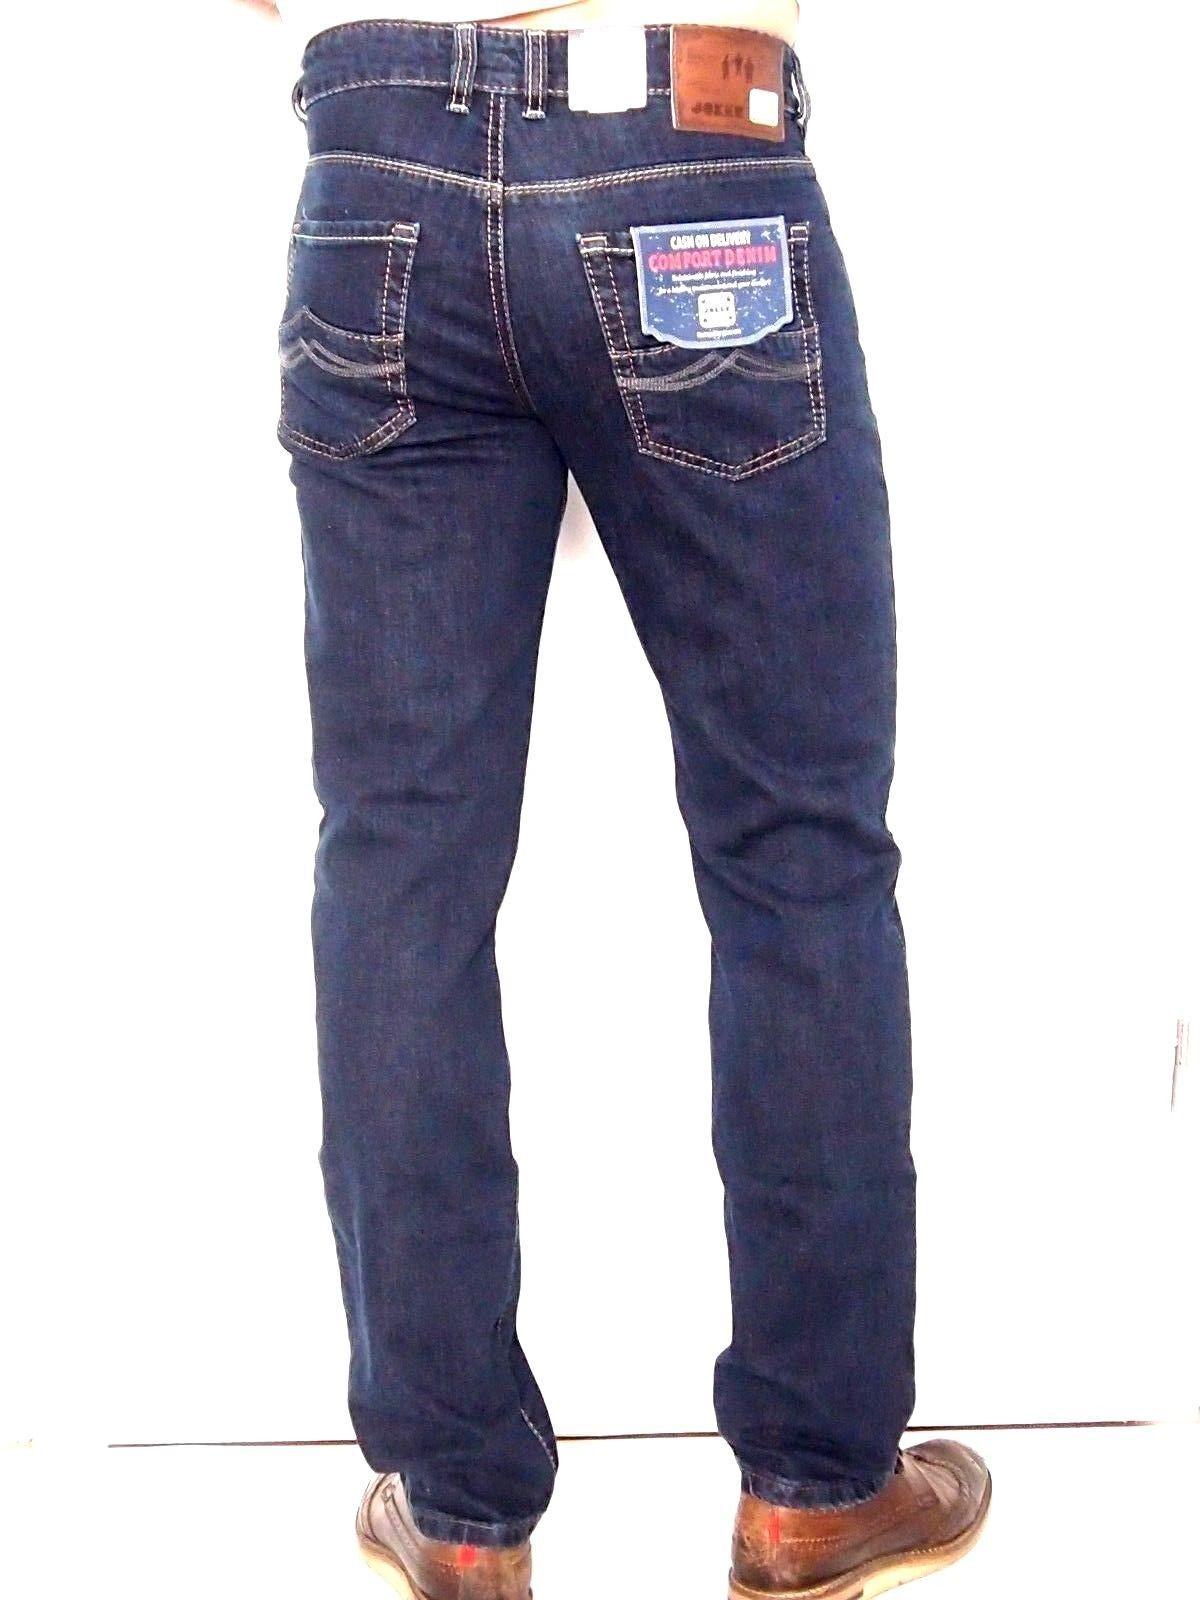 Joker Jeans Freddy Stretch 2442 0201 Rinsed bluee sz. by 31 32 Bis 38 34